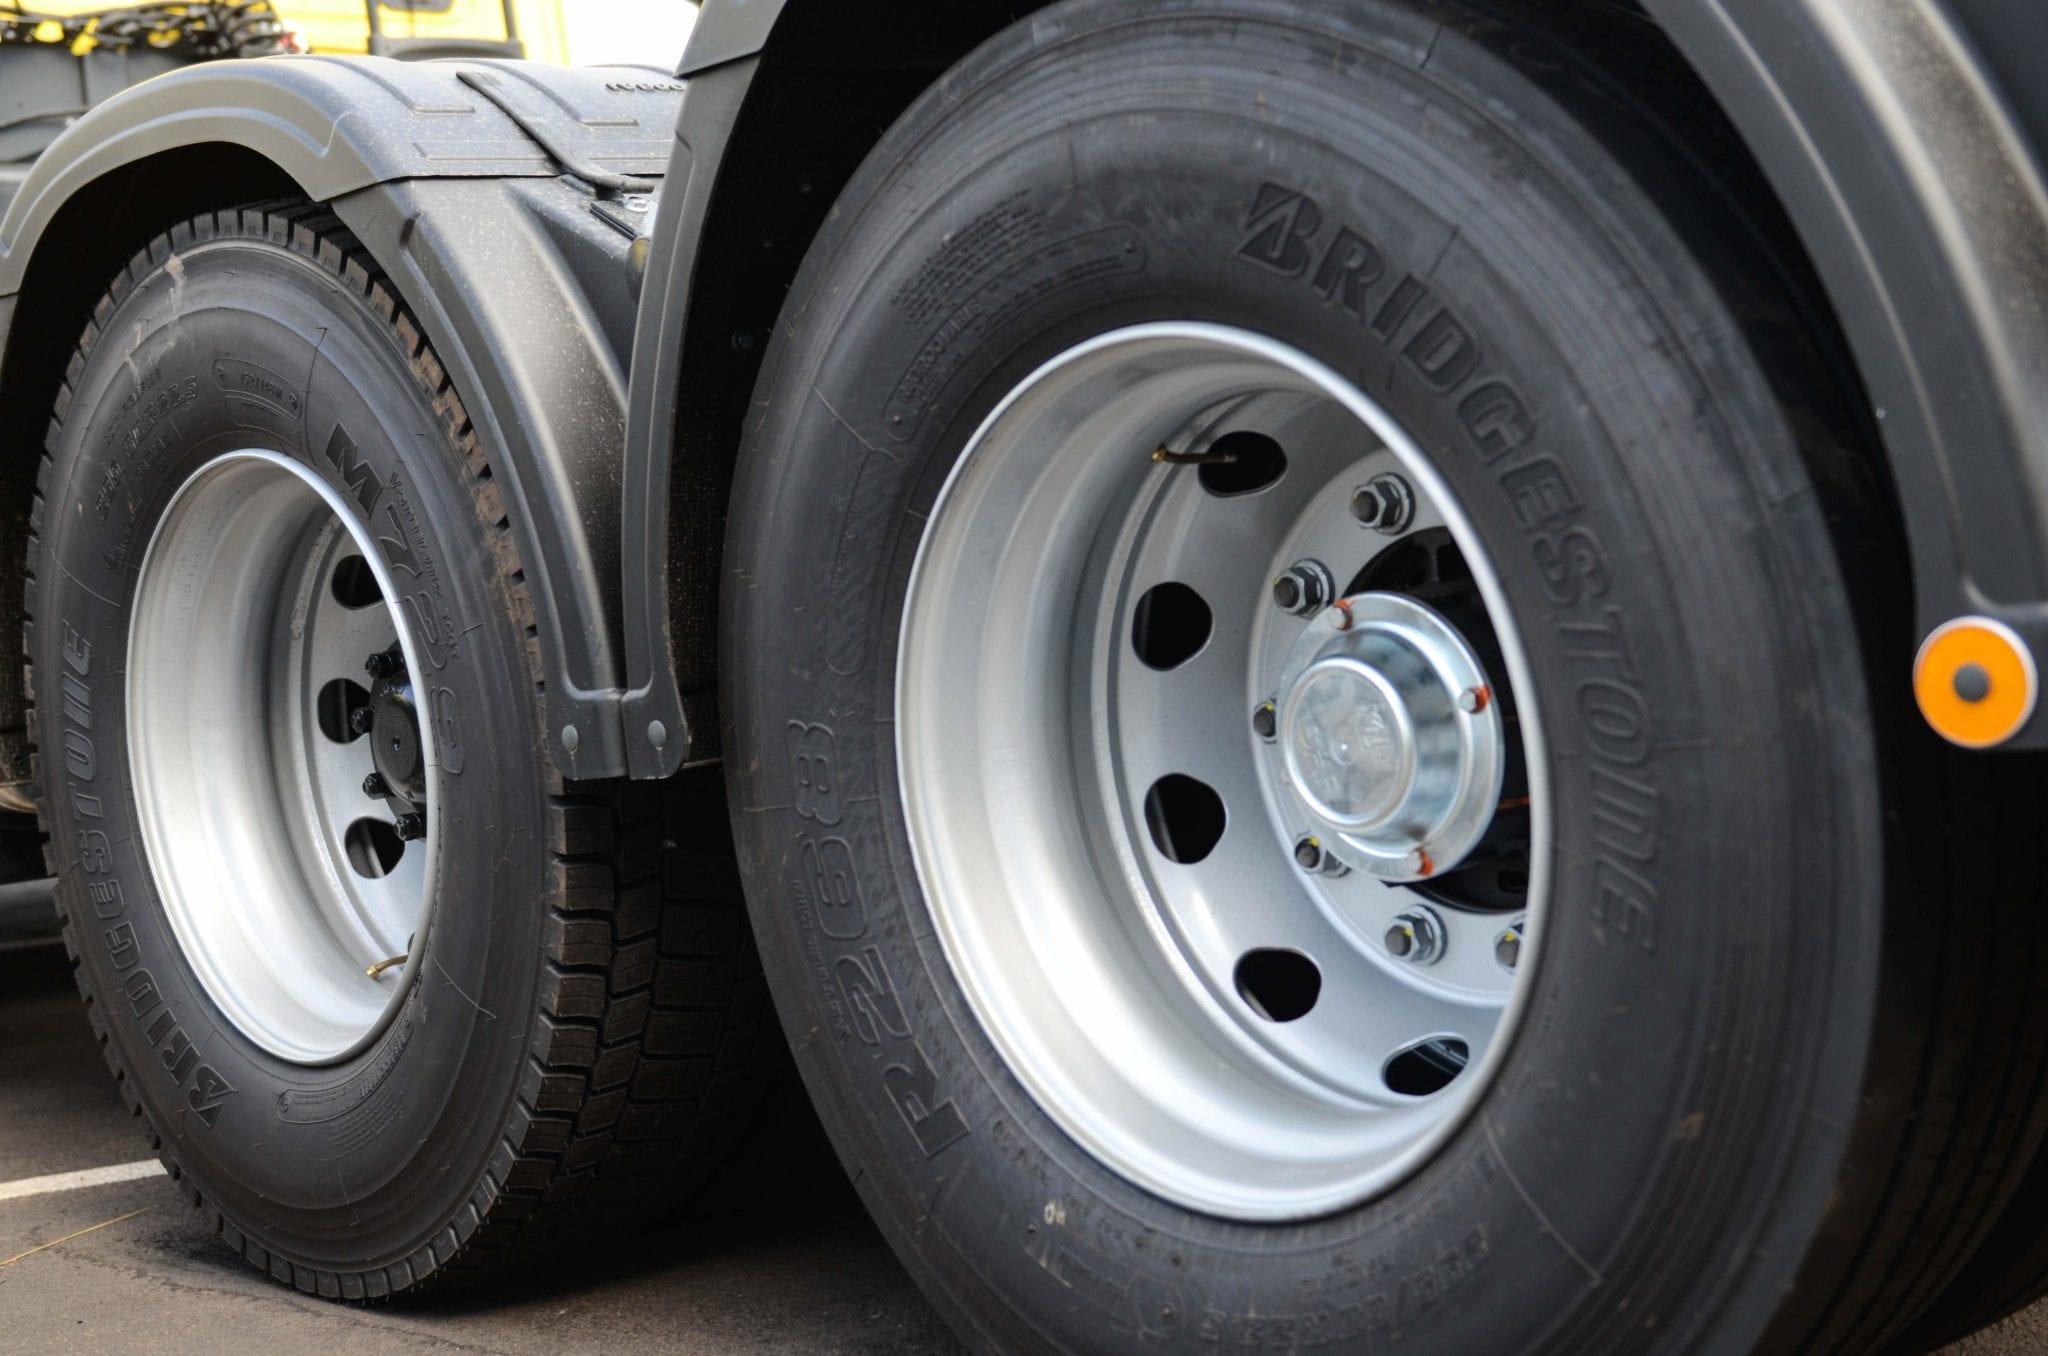 Reduza os custos com pneus com estas dicas!